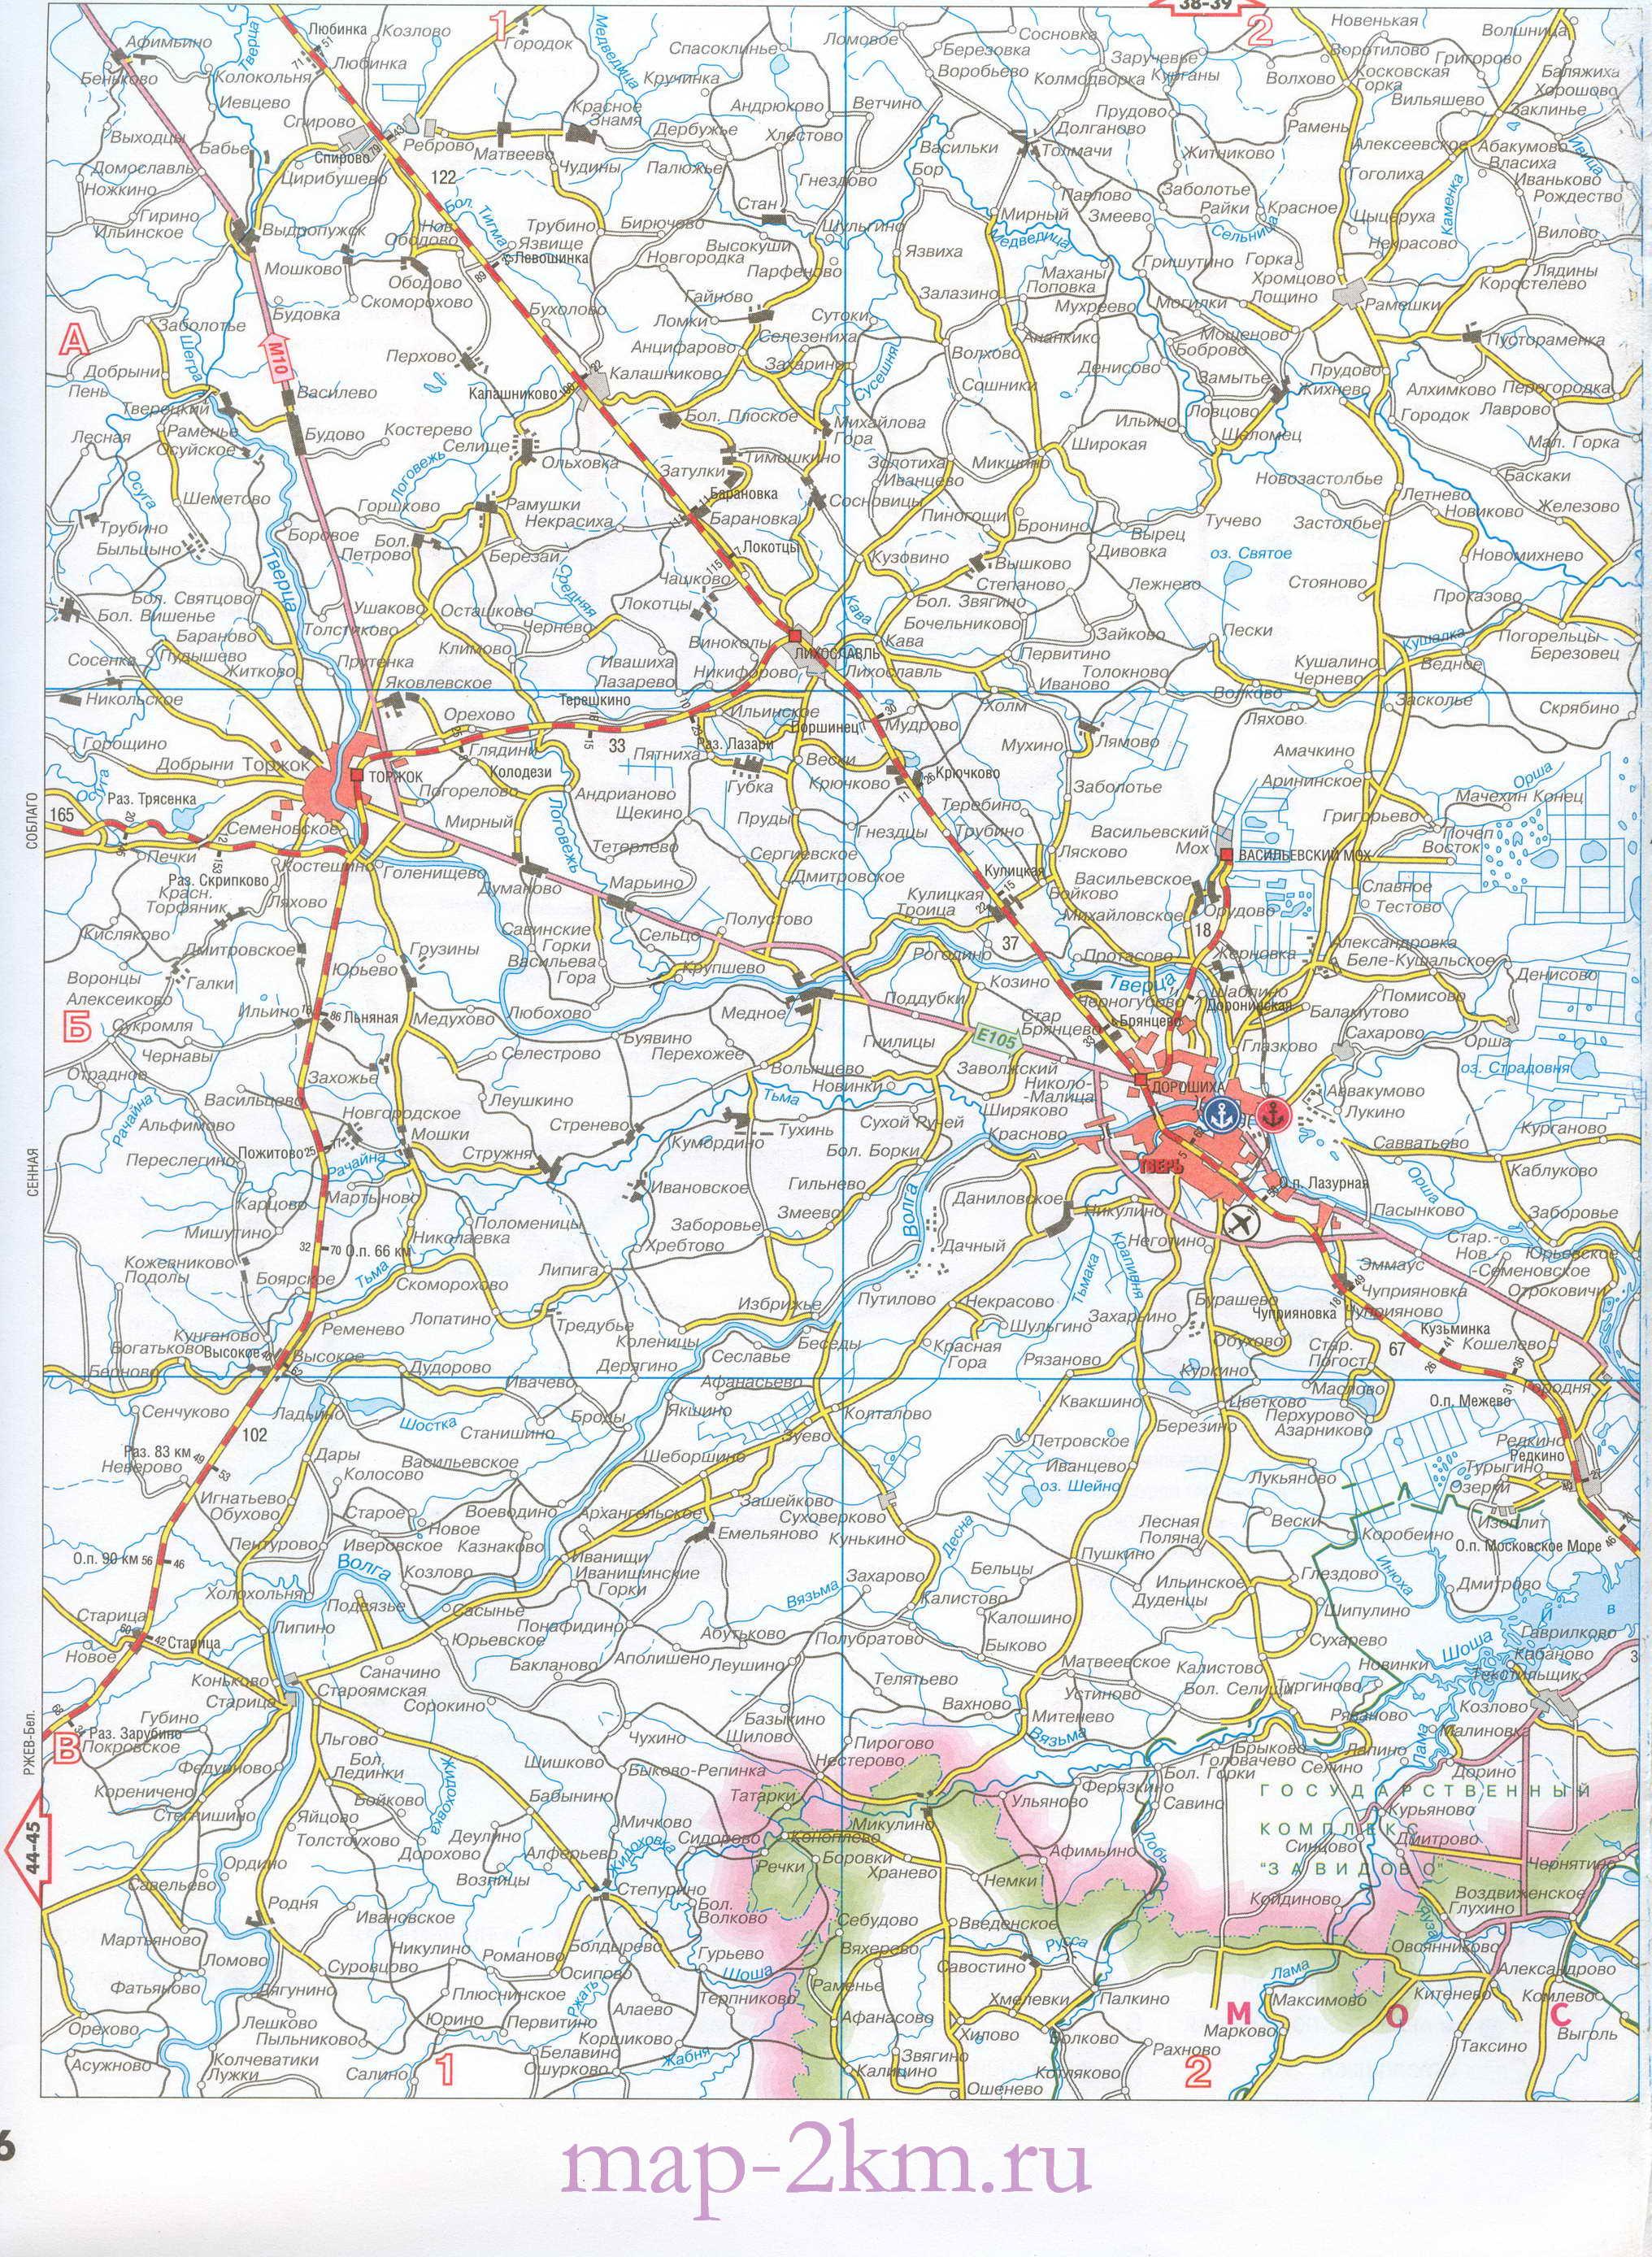 Подробная карта дорог Московской области.  Автомобильные дороги и жд станции Московской обл.